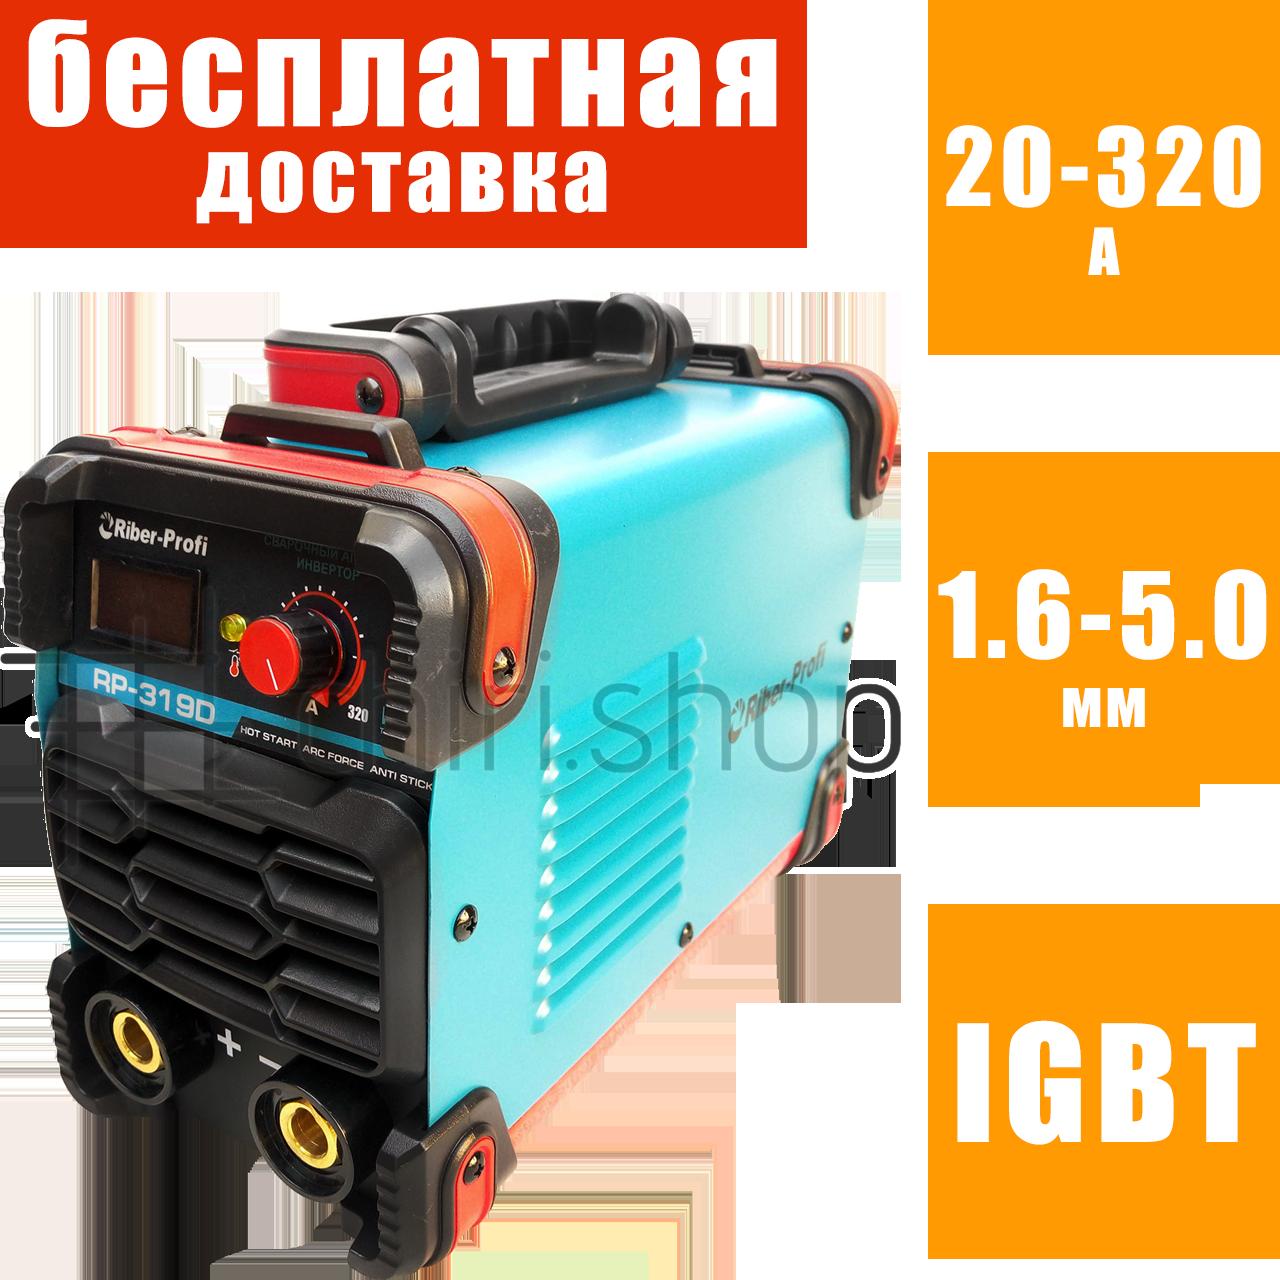 Сварочный инверторный аппарат 20-320 А, 1.6-5 мм, сварочный инвертор Riber Profi RP-319D, сварочный аппарат